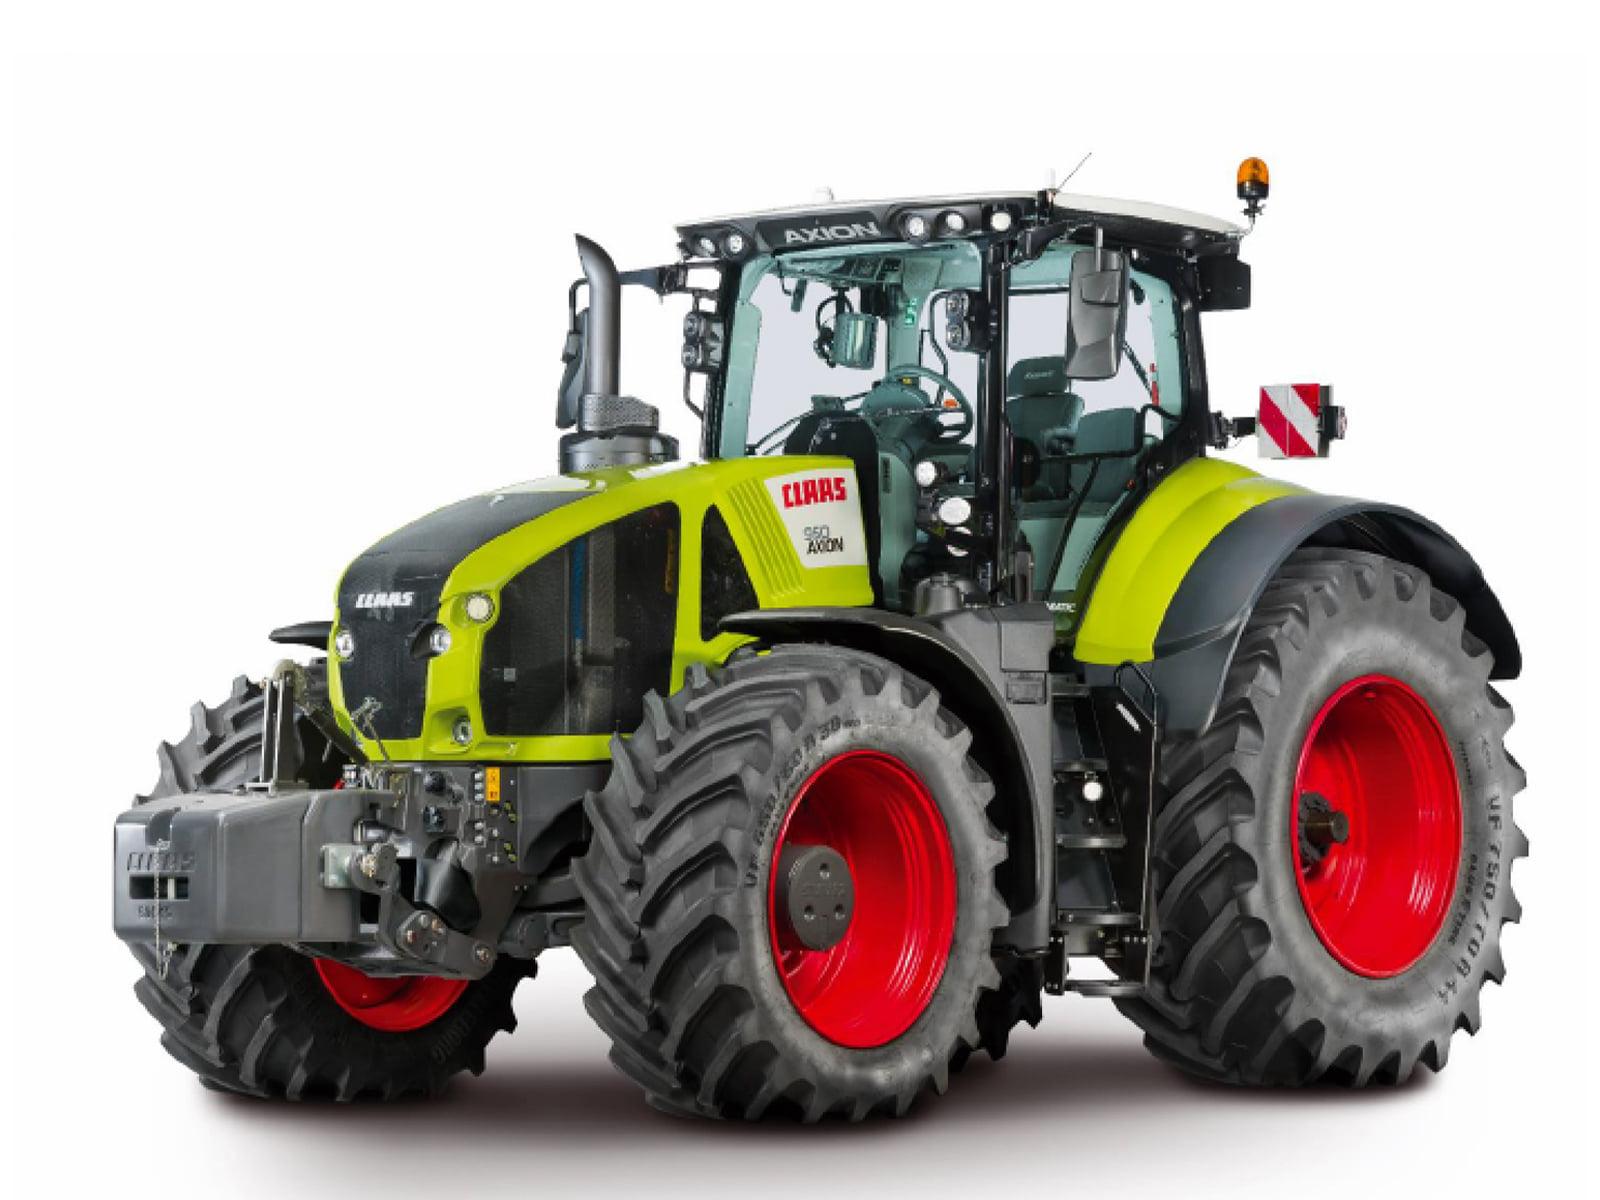 131919674 3581535655216422 7875245064592221005 o Tractor Of The Year 2021 – poznajcie zwycięzców